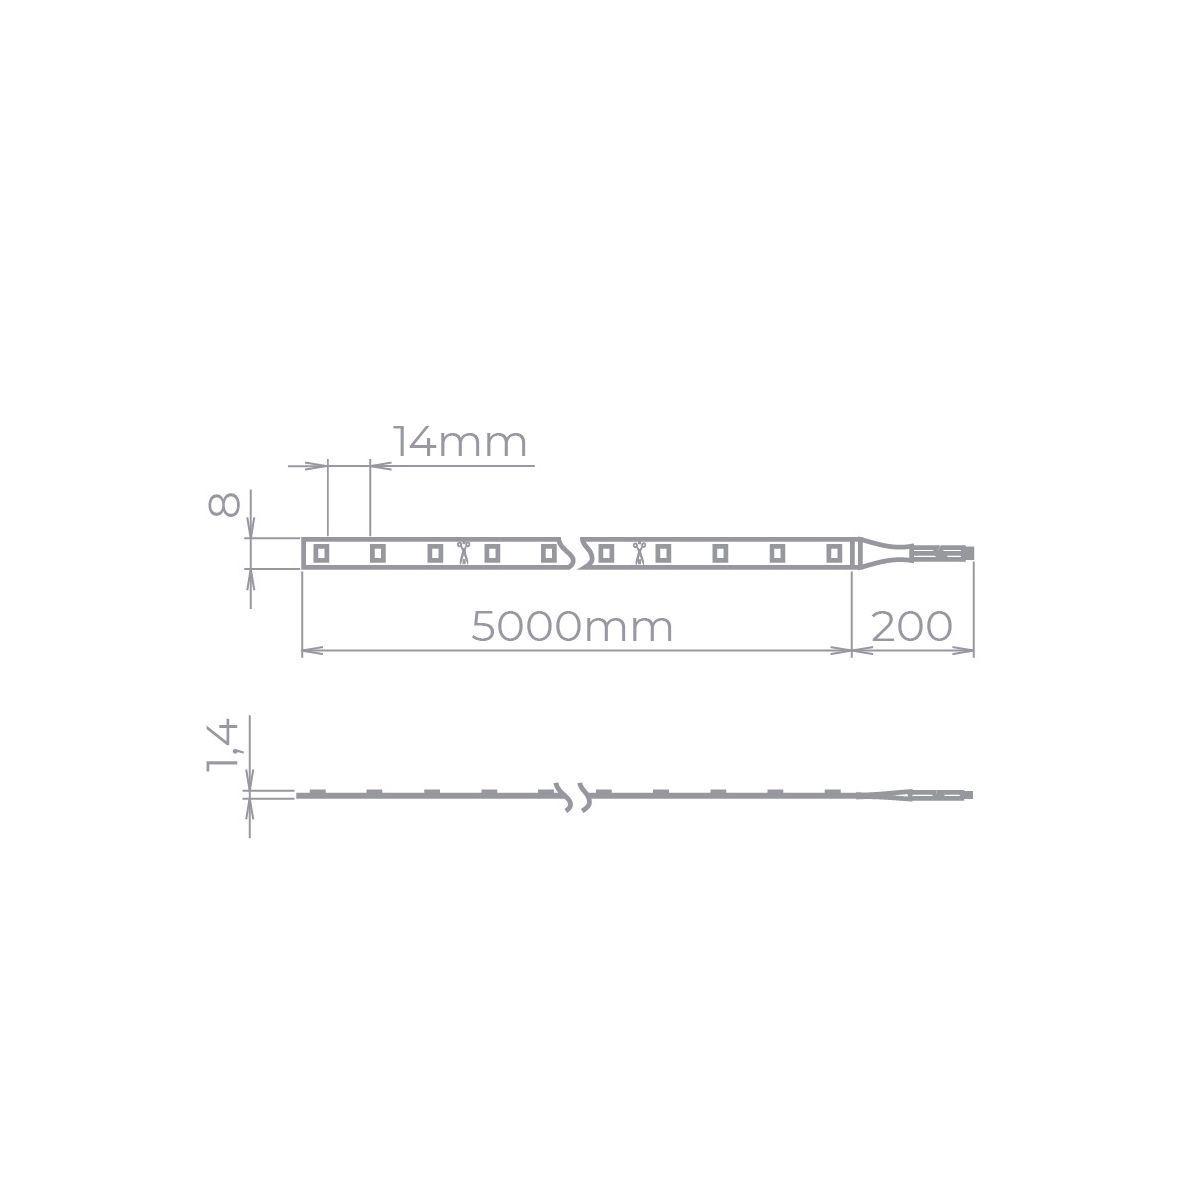 3X Fita Led  5w/m 2700K Branco Quente + 4XFonte 25W 12V - Stella